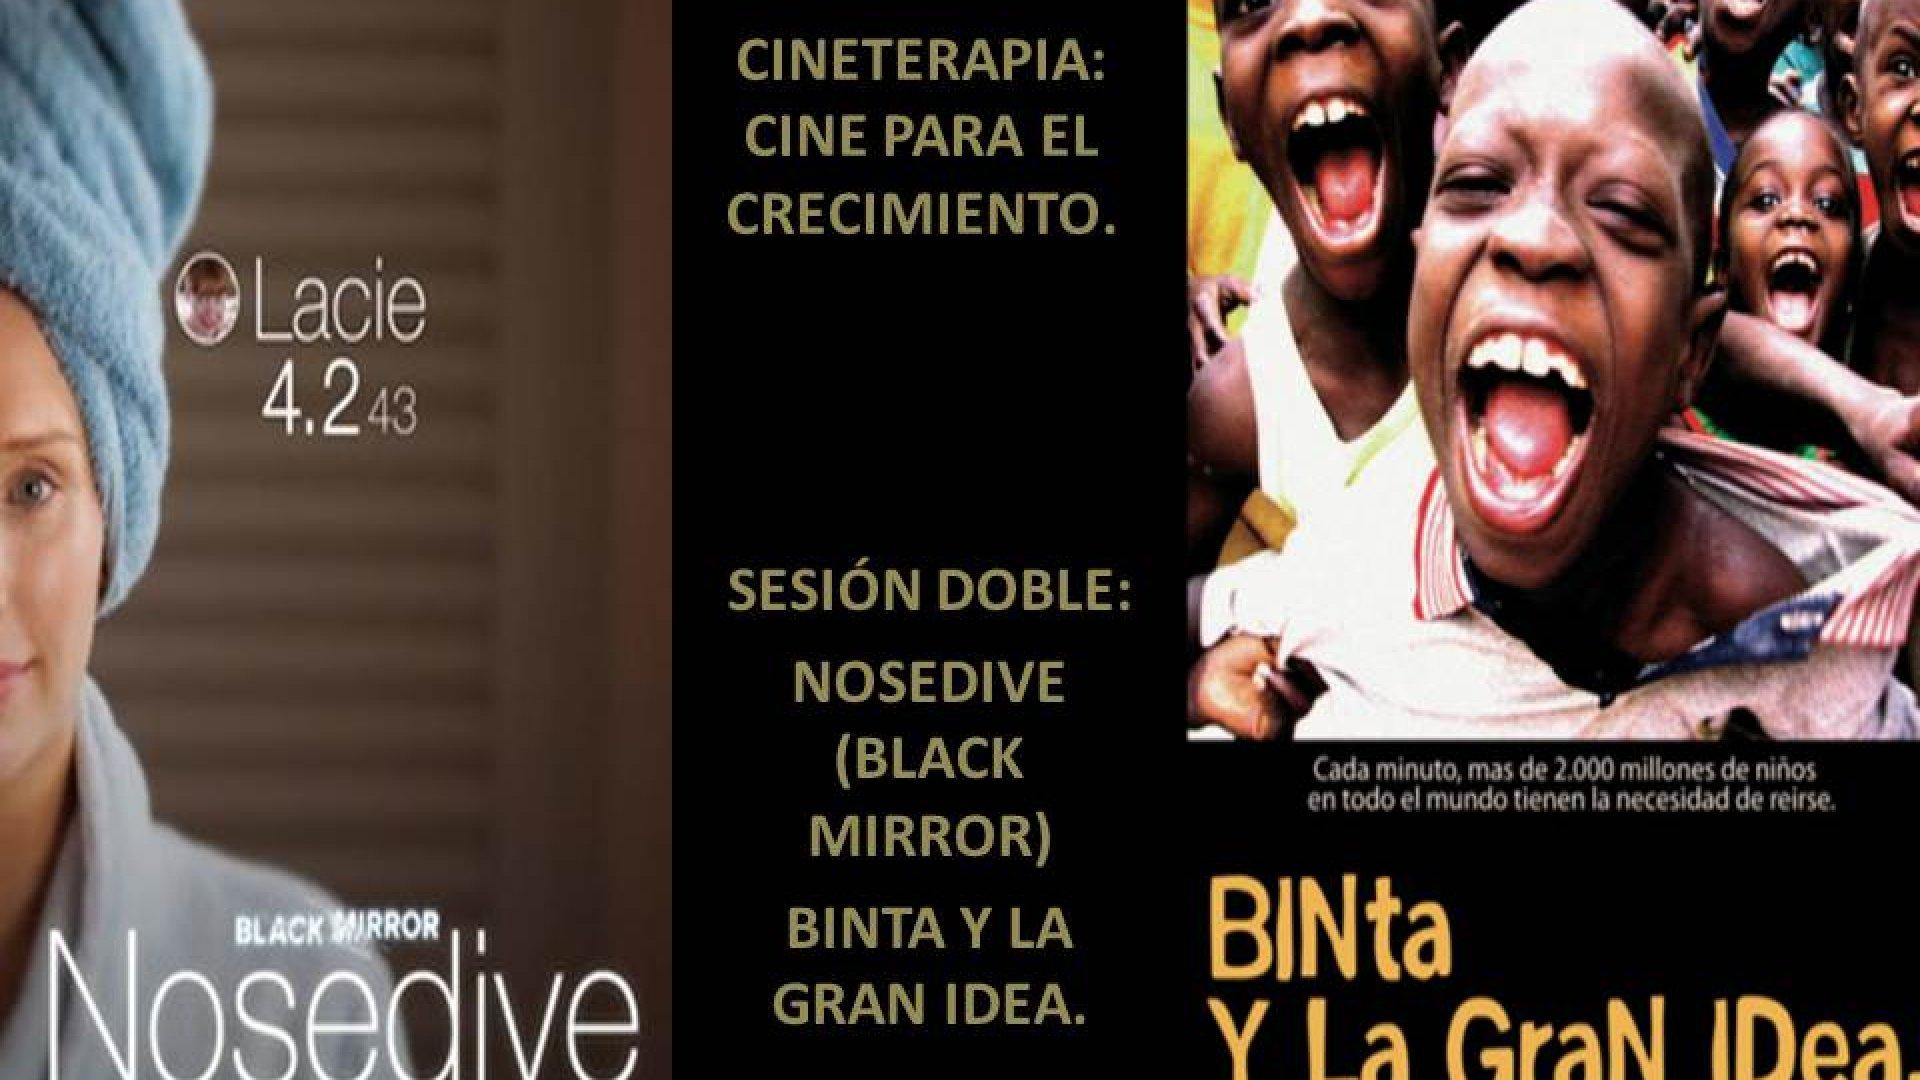 CINETERAPIA: CINE PARA EL CRECIMIENTO